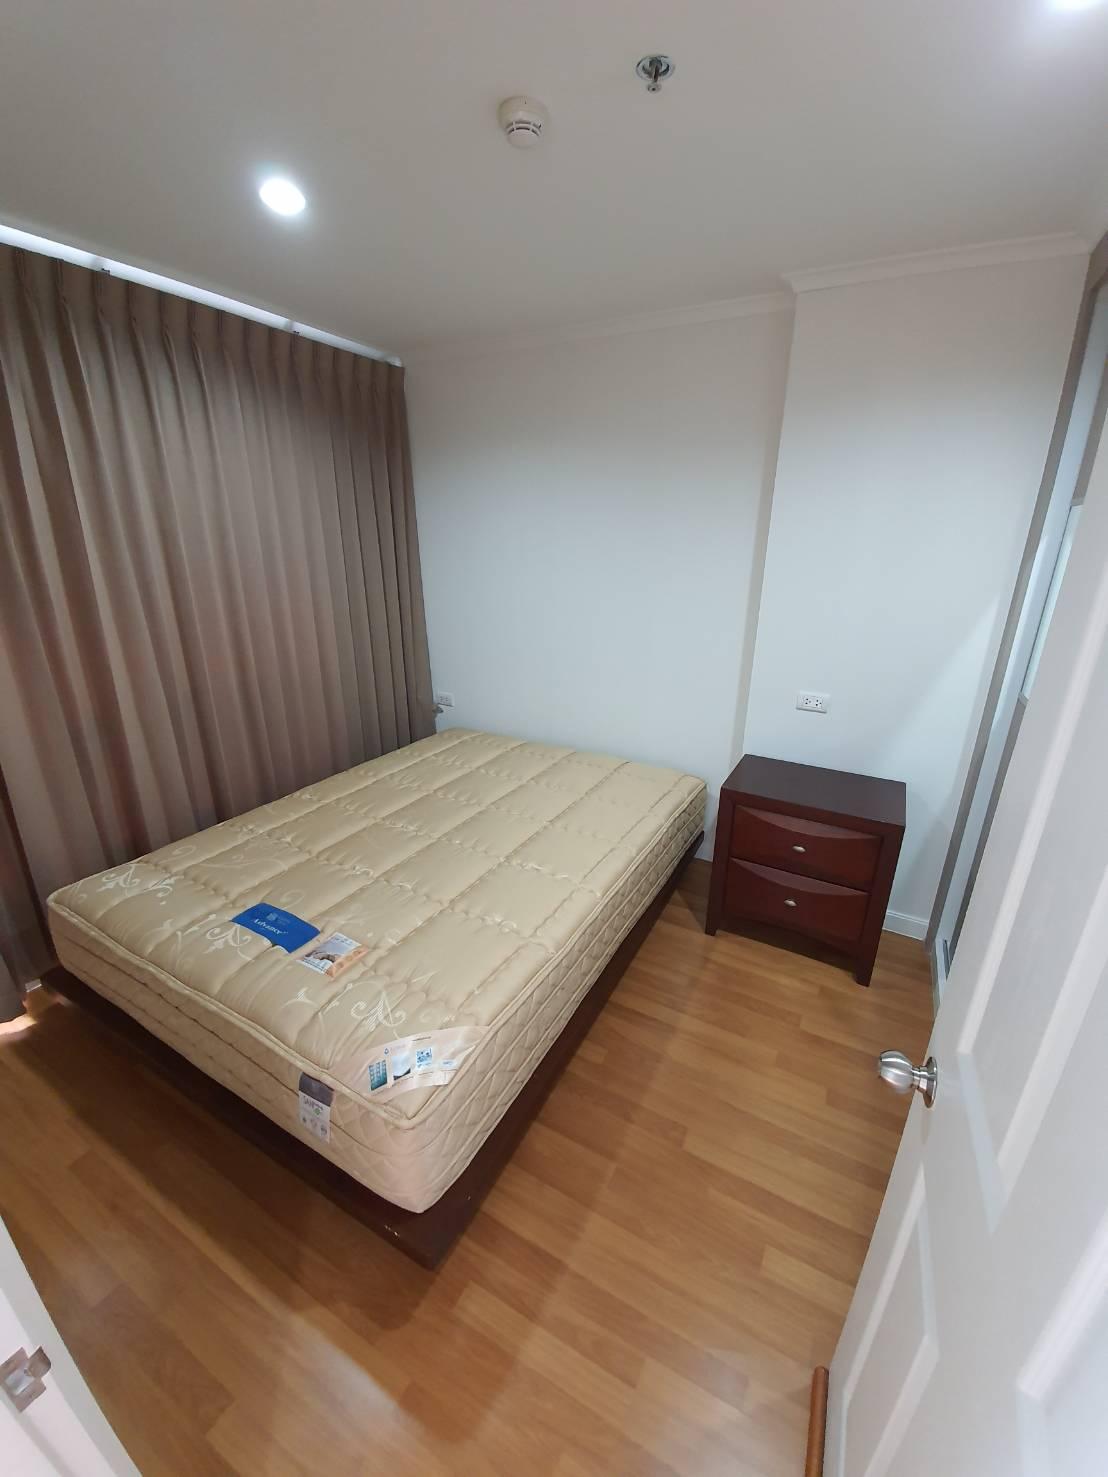 ภาพคอนโดต้องการขาย ลุมพินี พาร์ค ริเวอร์ไซด์ พระราม 3    บางโพงพาง  ยานนาวา 1 ห้องนอน พร้อมอยู่ ราคาถูก